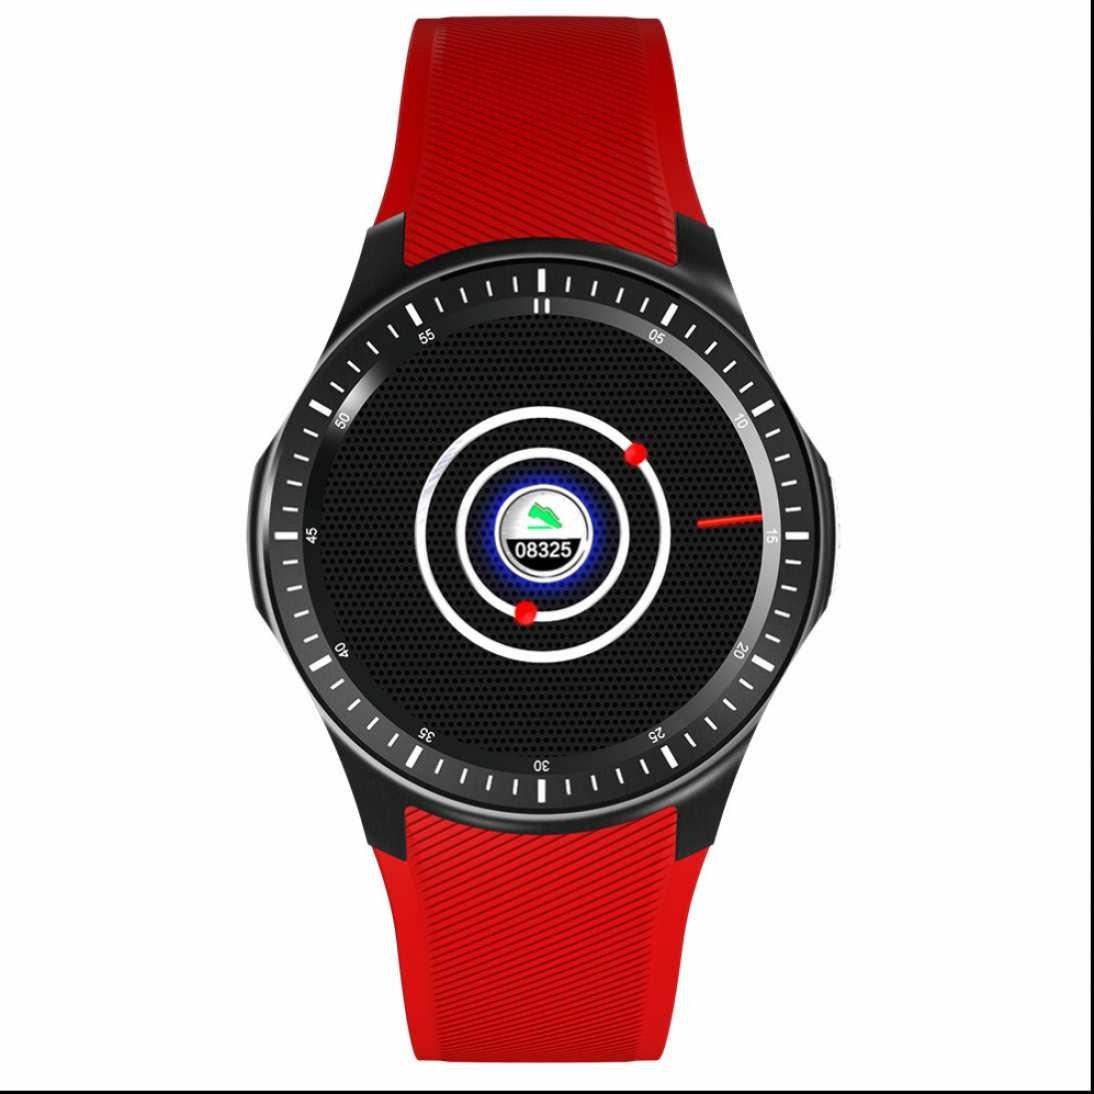 Intelligente Uhr Fitness Armband SmartUhr Smart Sport Watch herzfrequenz Smart Notifications Pulsuhren Handy Uhr